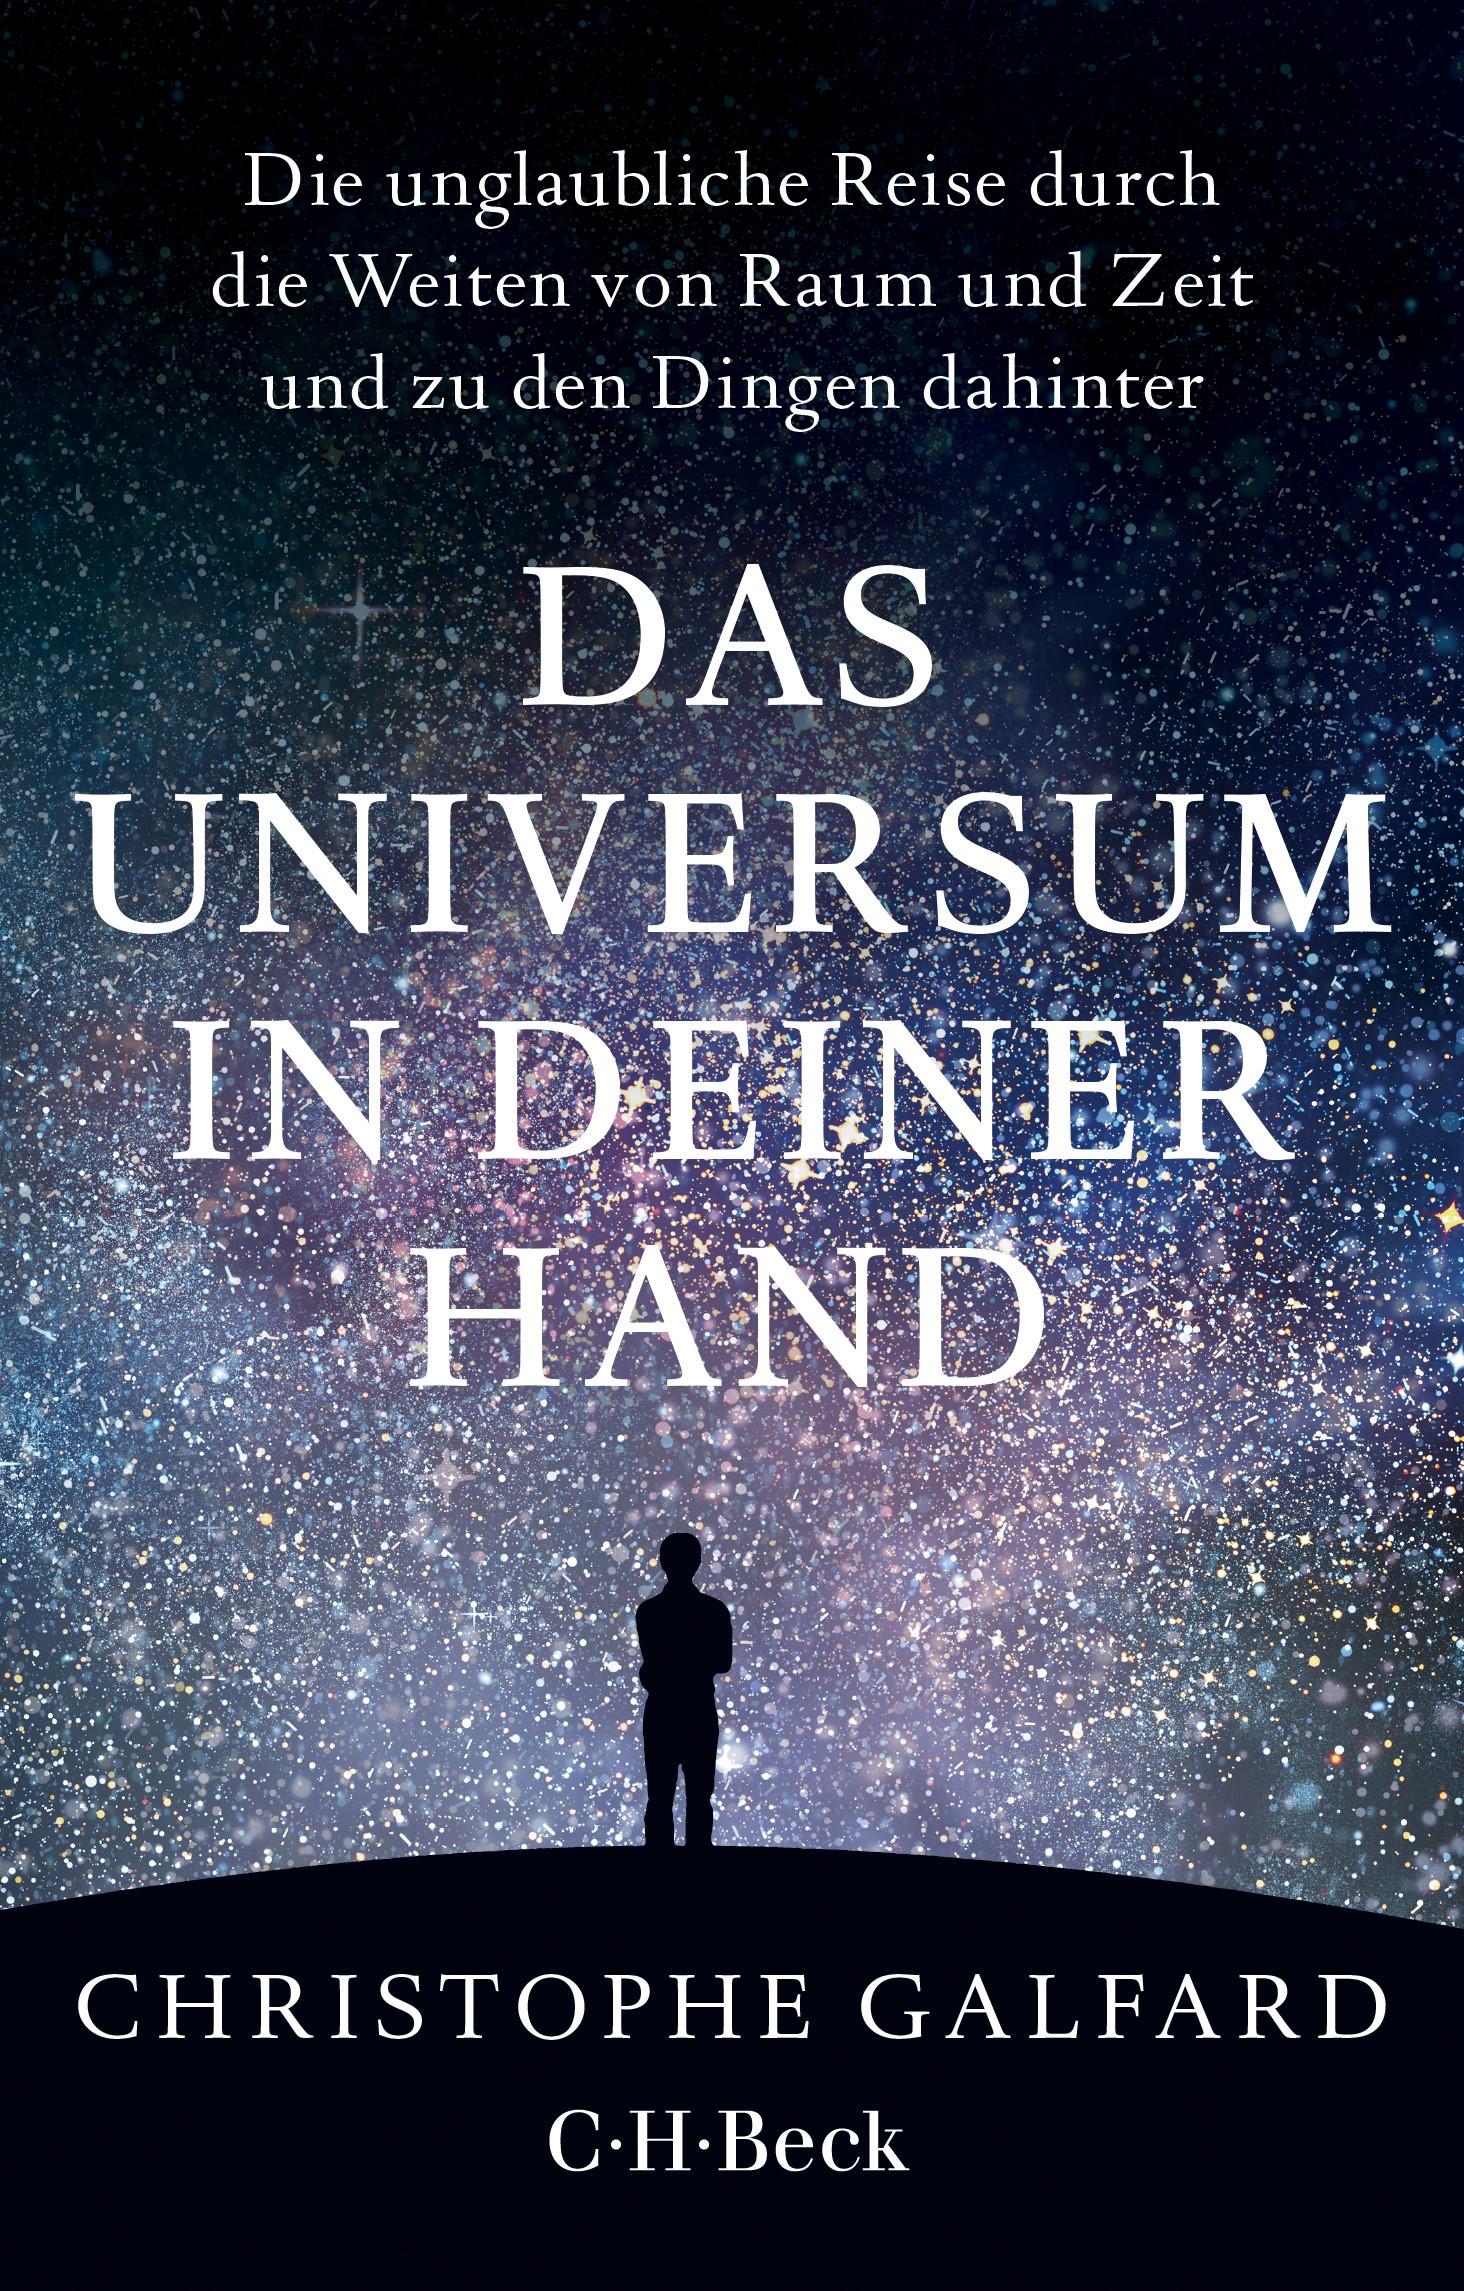 Das Universum in deiner Hand   Galfard, Christophe, 2019   Buch (Cover)